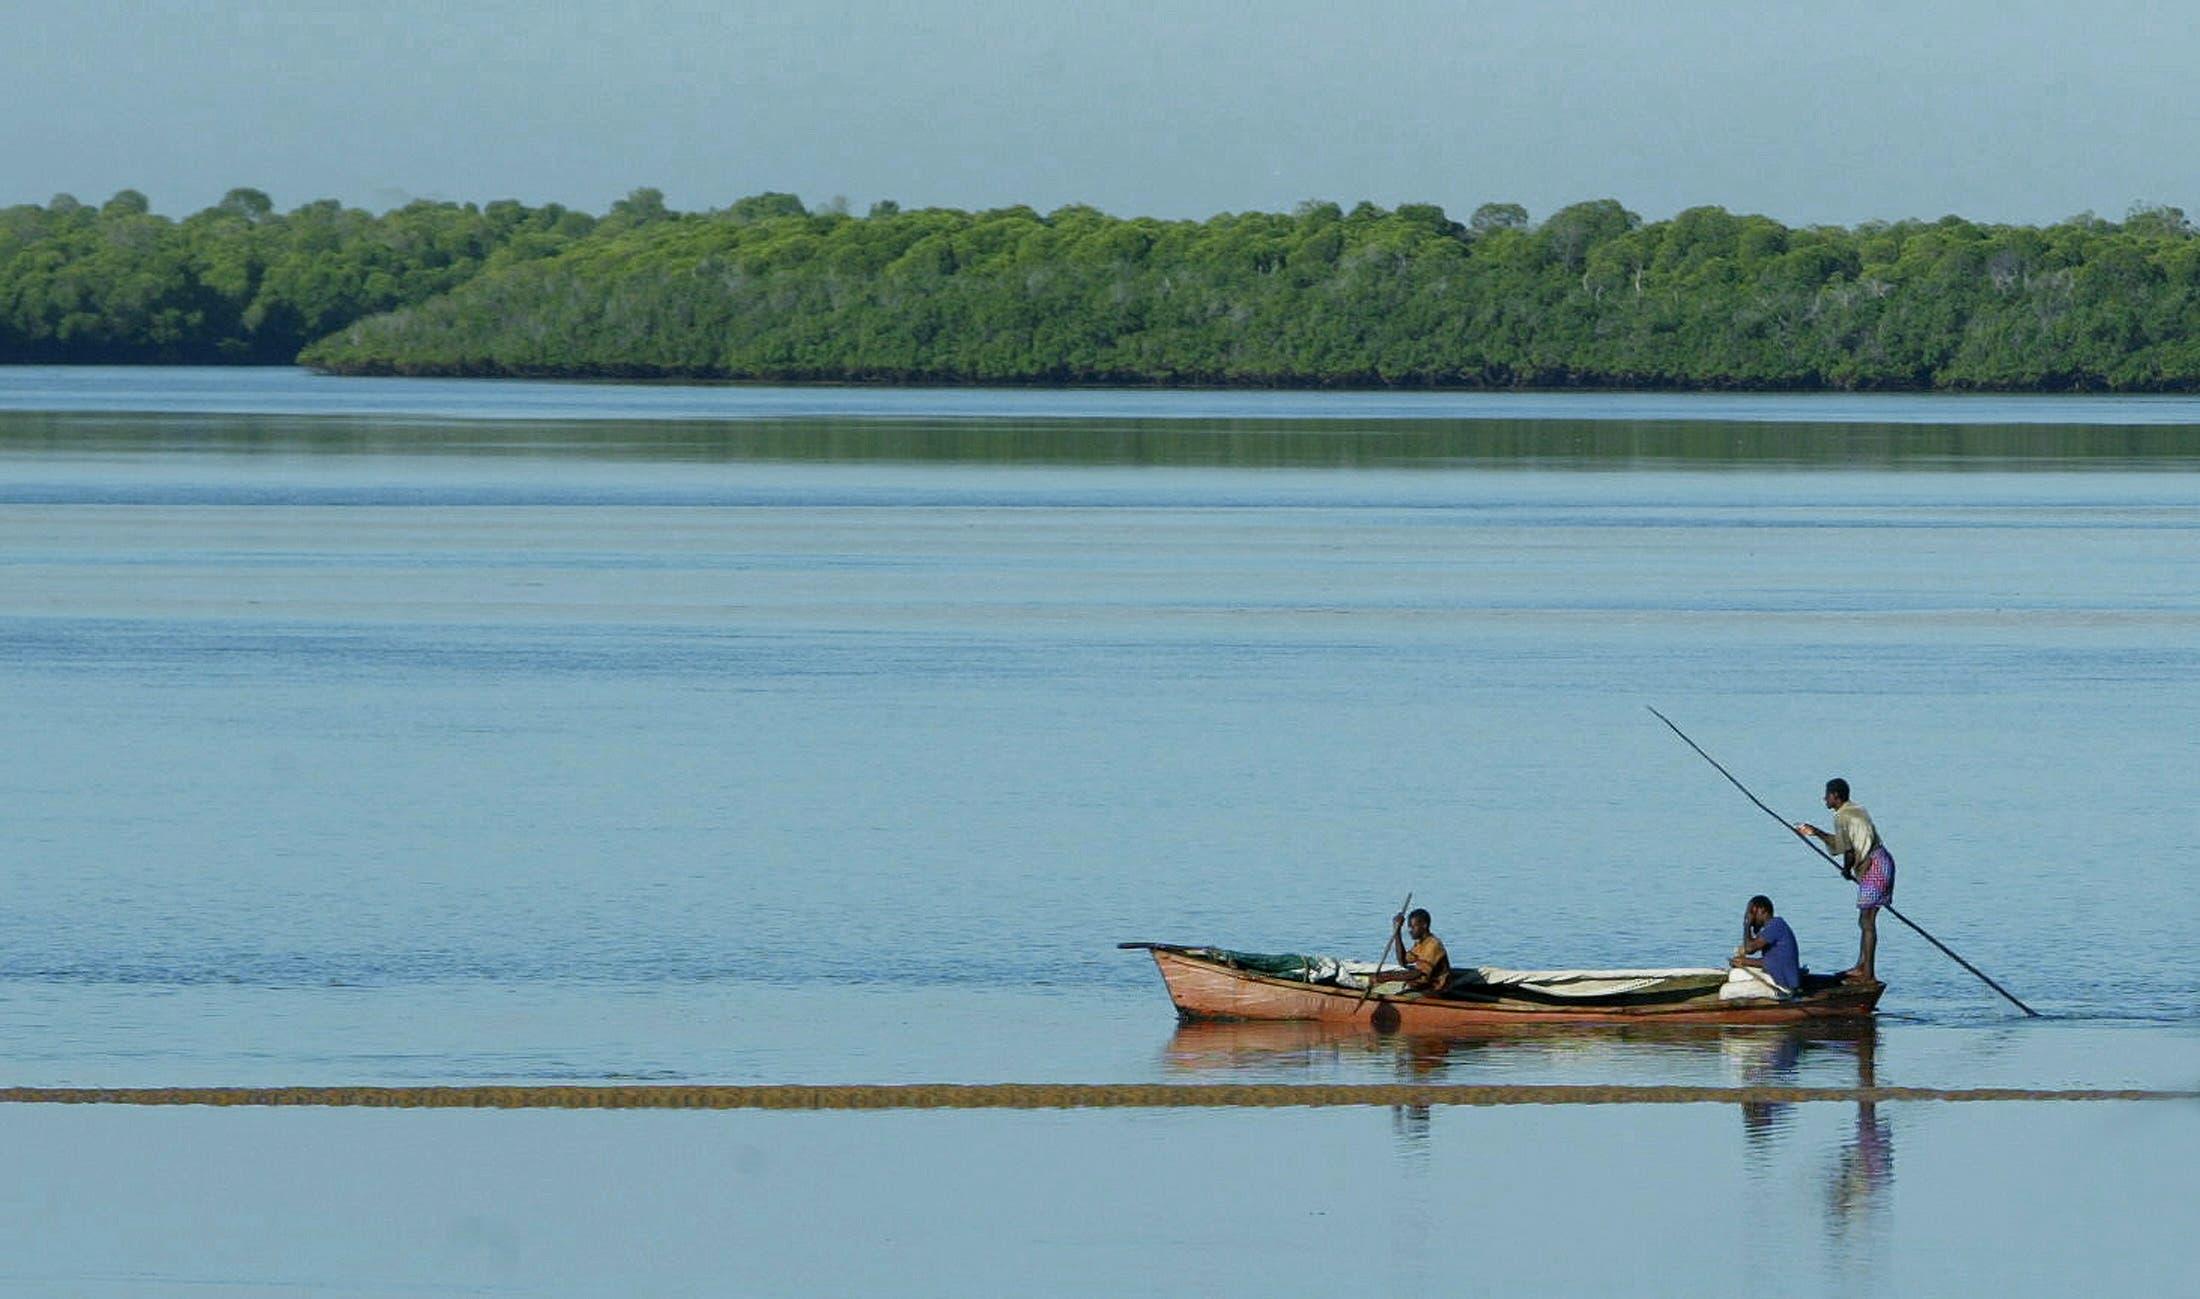 صياد كيني في المحيط الهندي في منطقة قريبة من المياه الصومالية (أرشيفية)